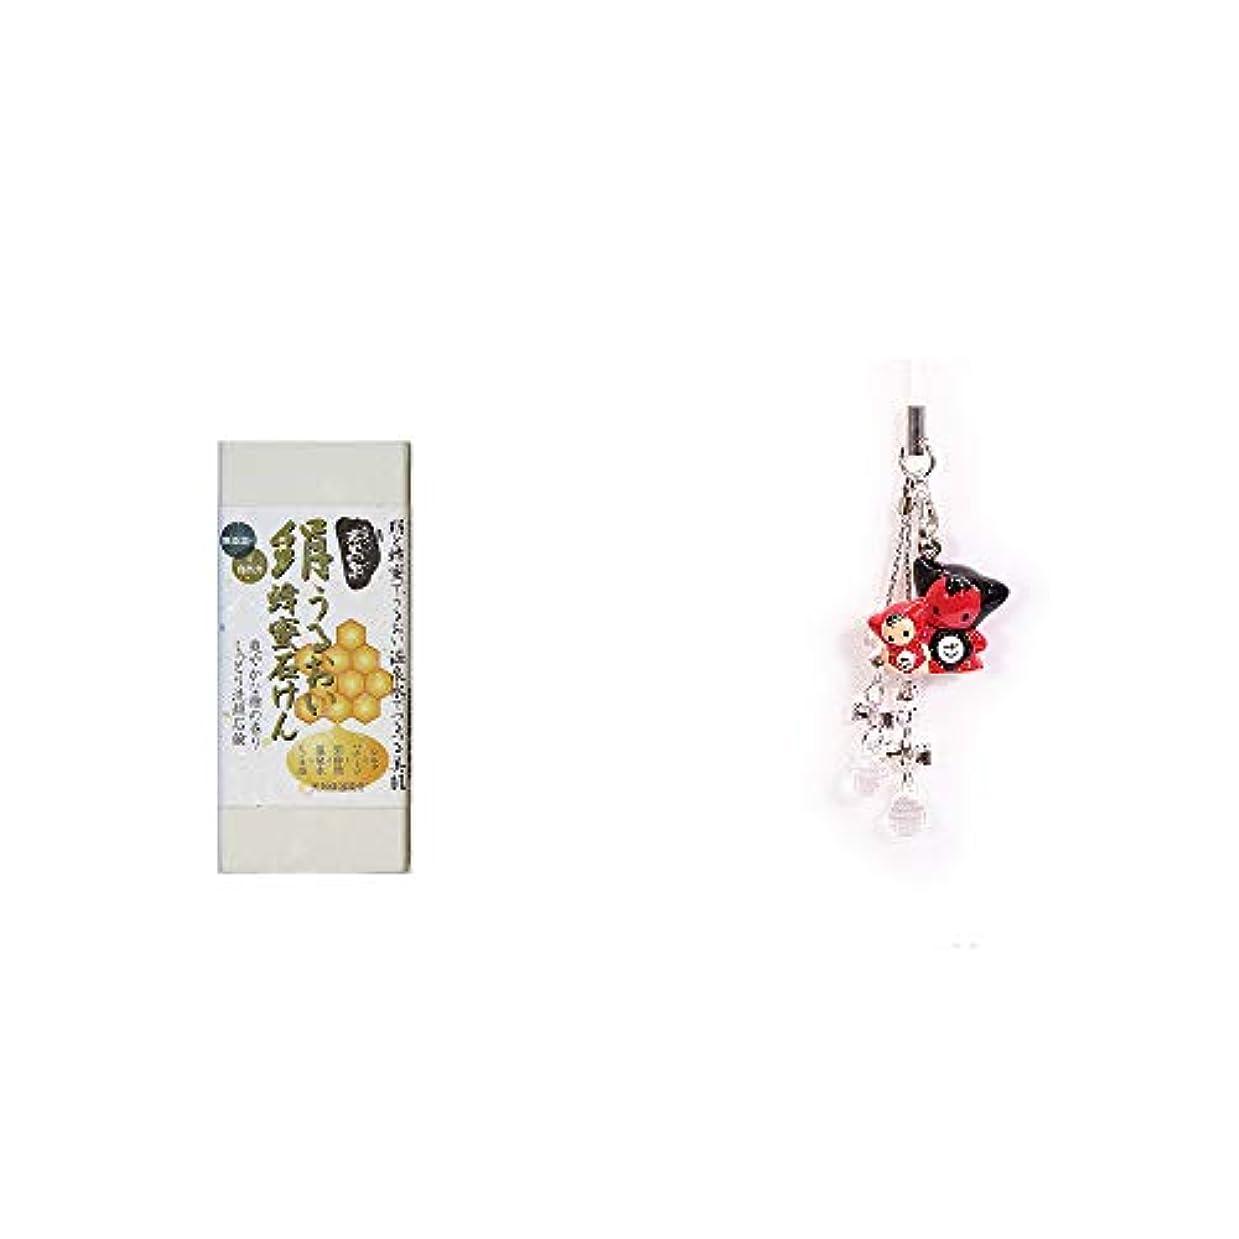 [2点セット] ひのき炭黒泉 絹うるおい蜂蜜石けん(75g×2)?さるぼぼペアビーズストラップ 【クリア】/縁結び?魔除け//